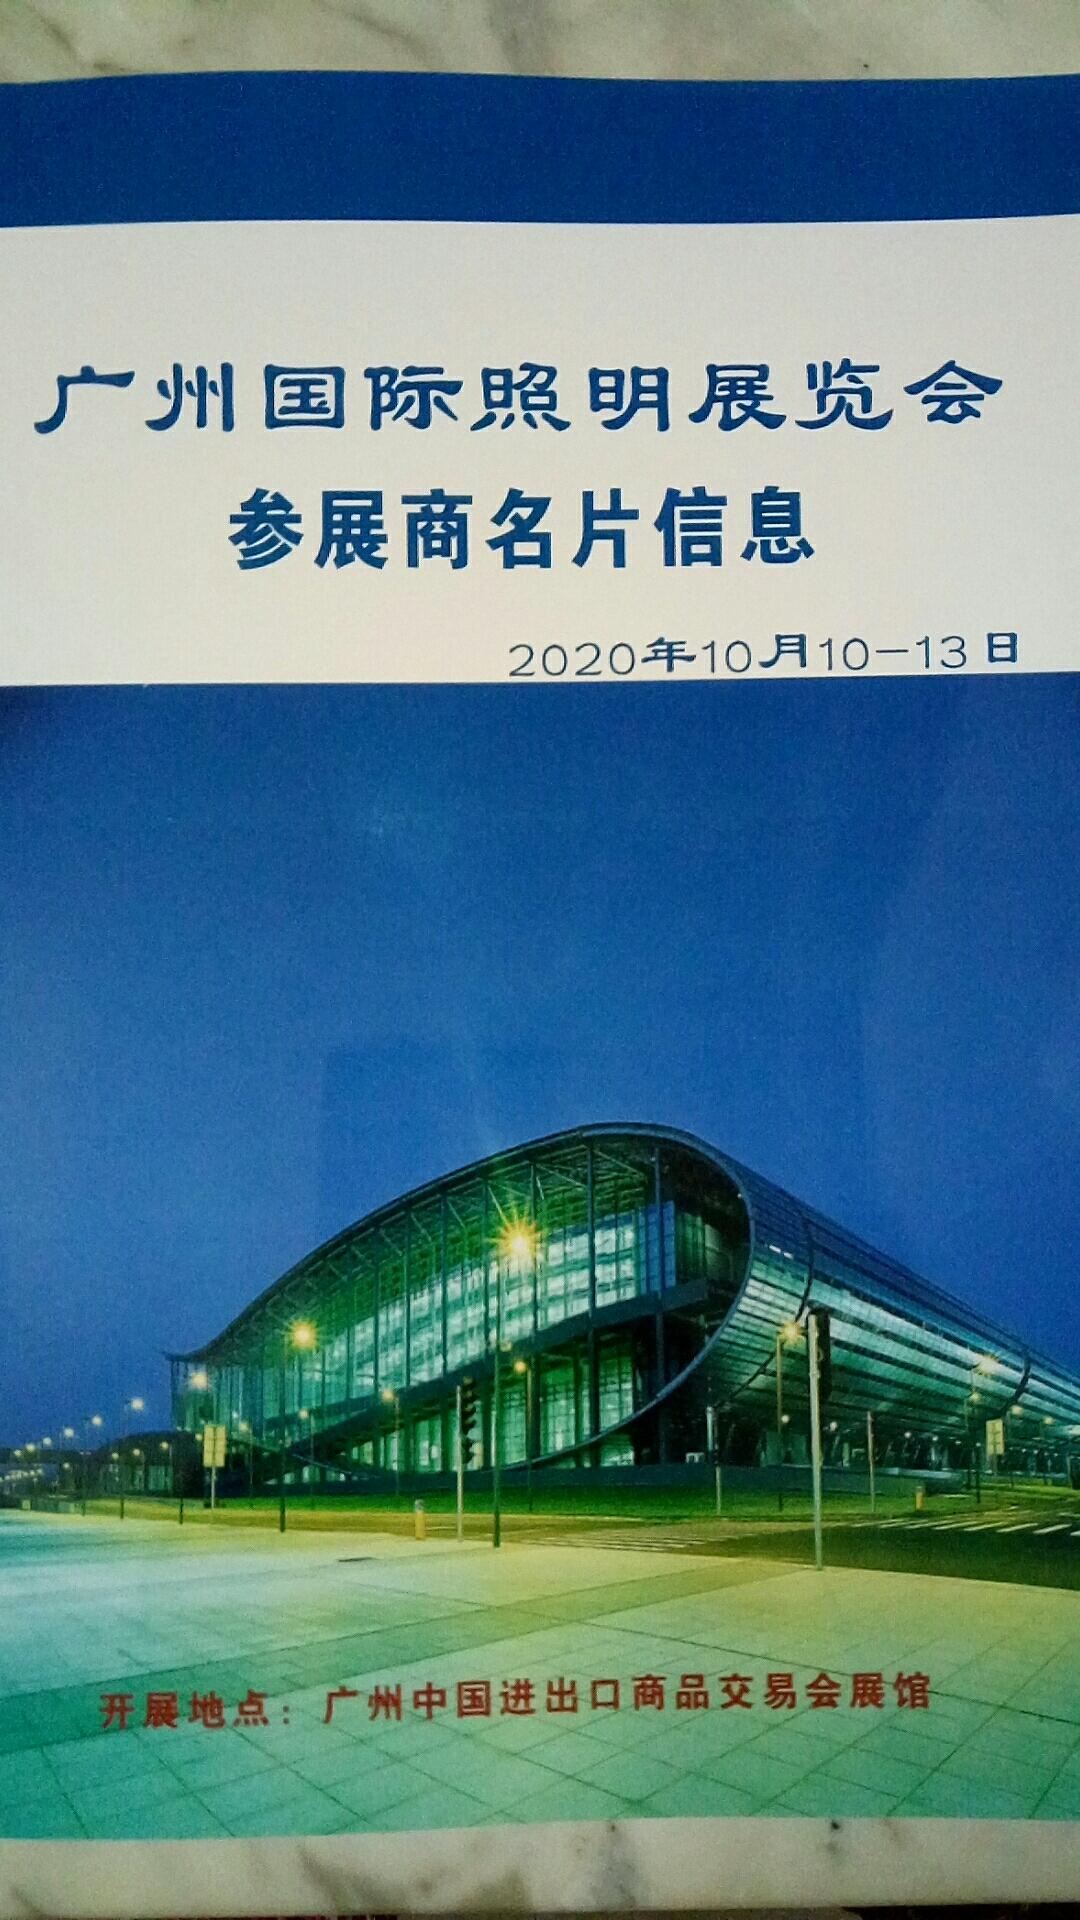 2020年广州国际照明展览会参展商名片书刊